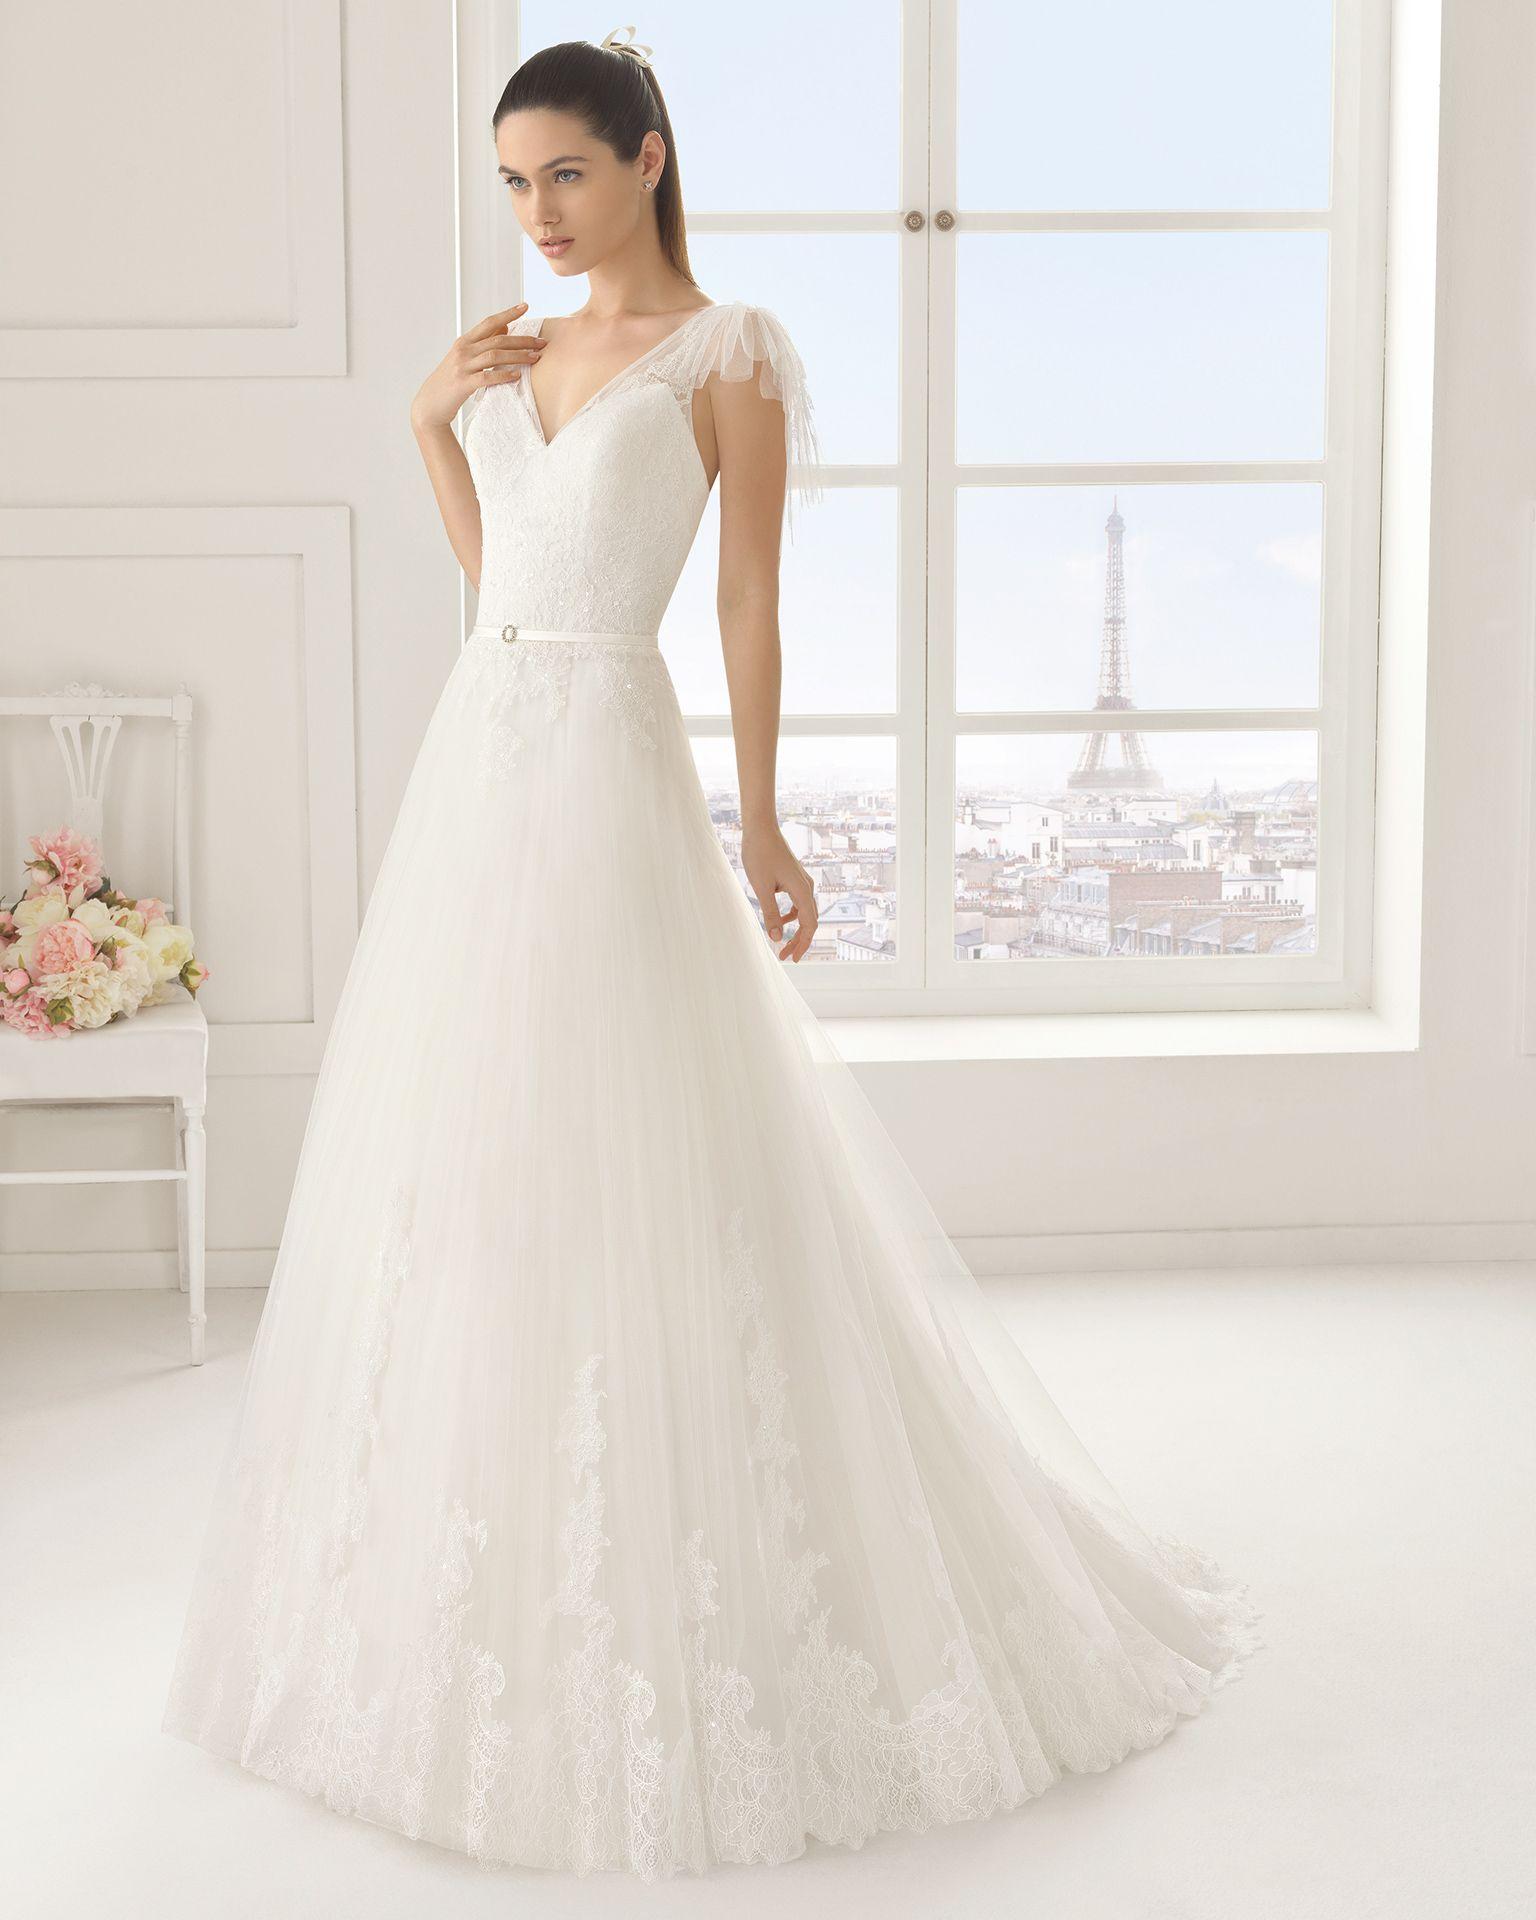 Vestidos de novia y vestidos de fiesta | Rosa clará, Vestidos de ...